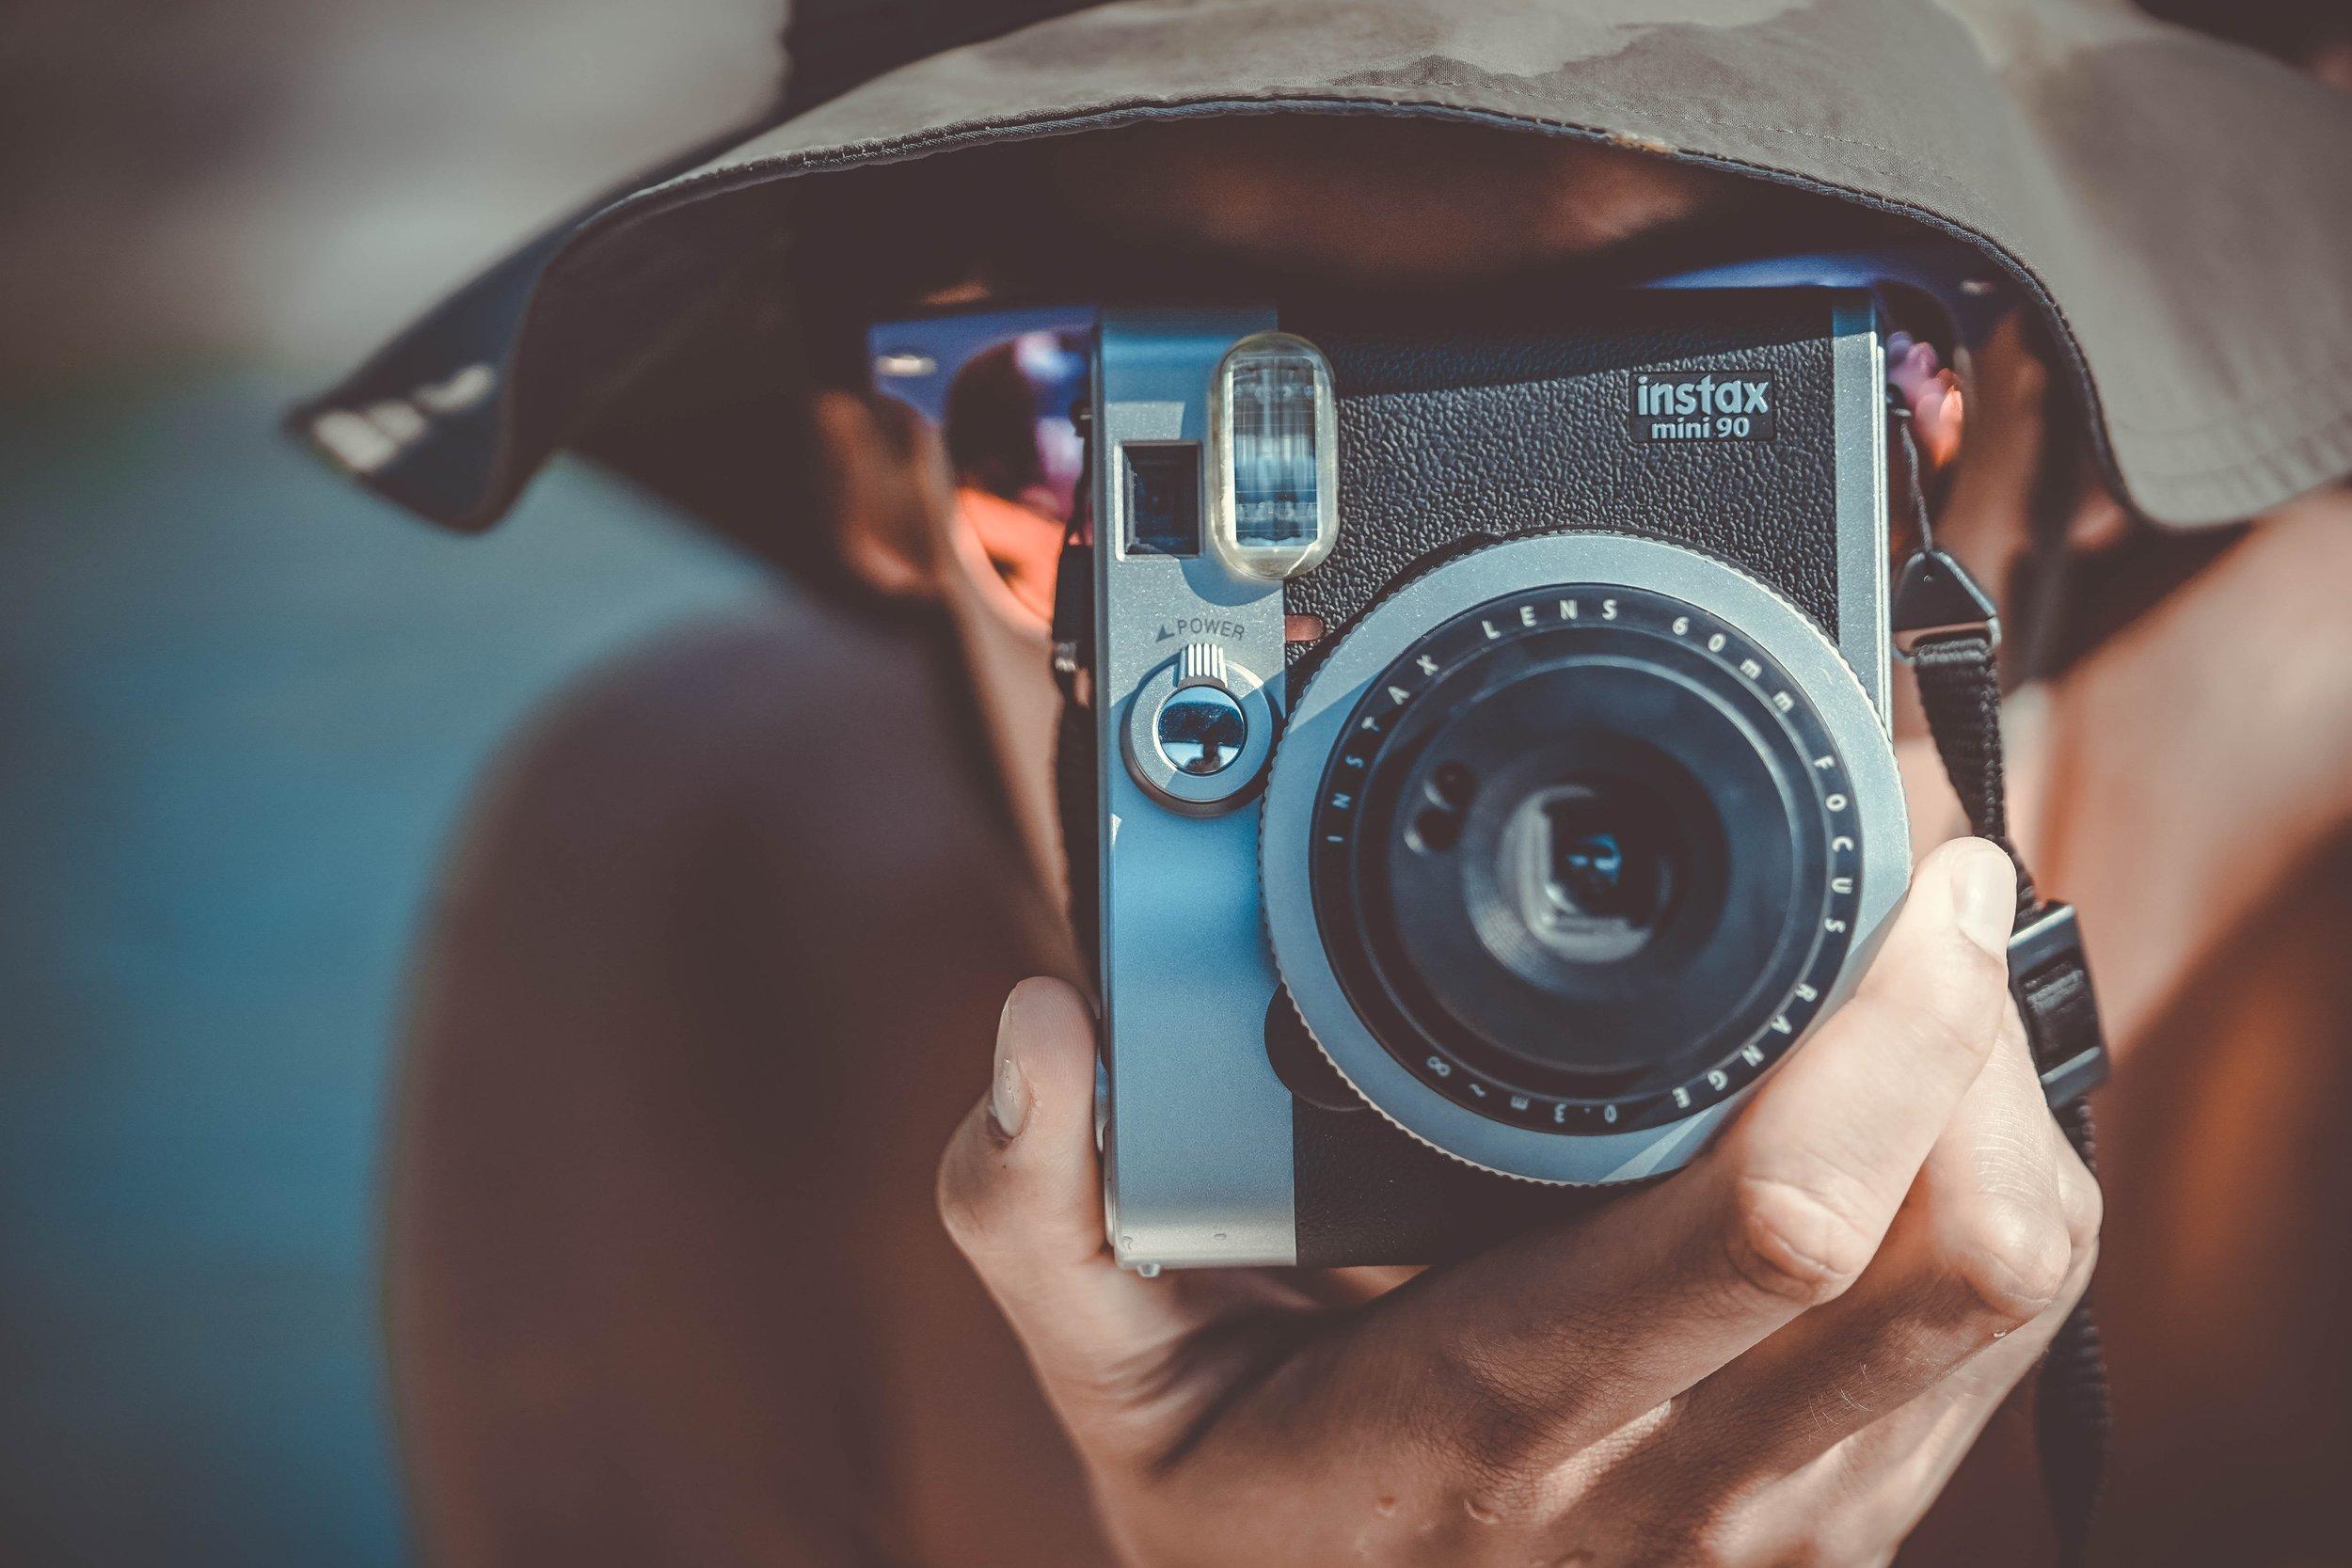 Analoge Fotografie im Zeitalter der digitalen Transformation - Photo by Eric Ward on Unsplash